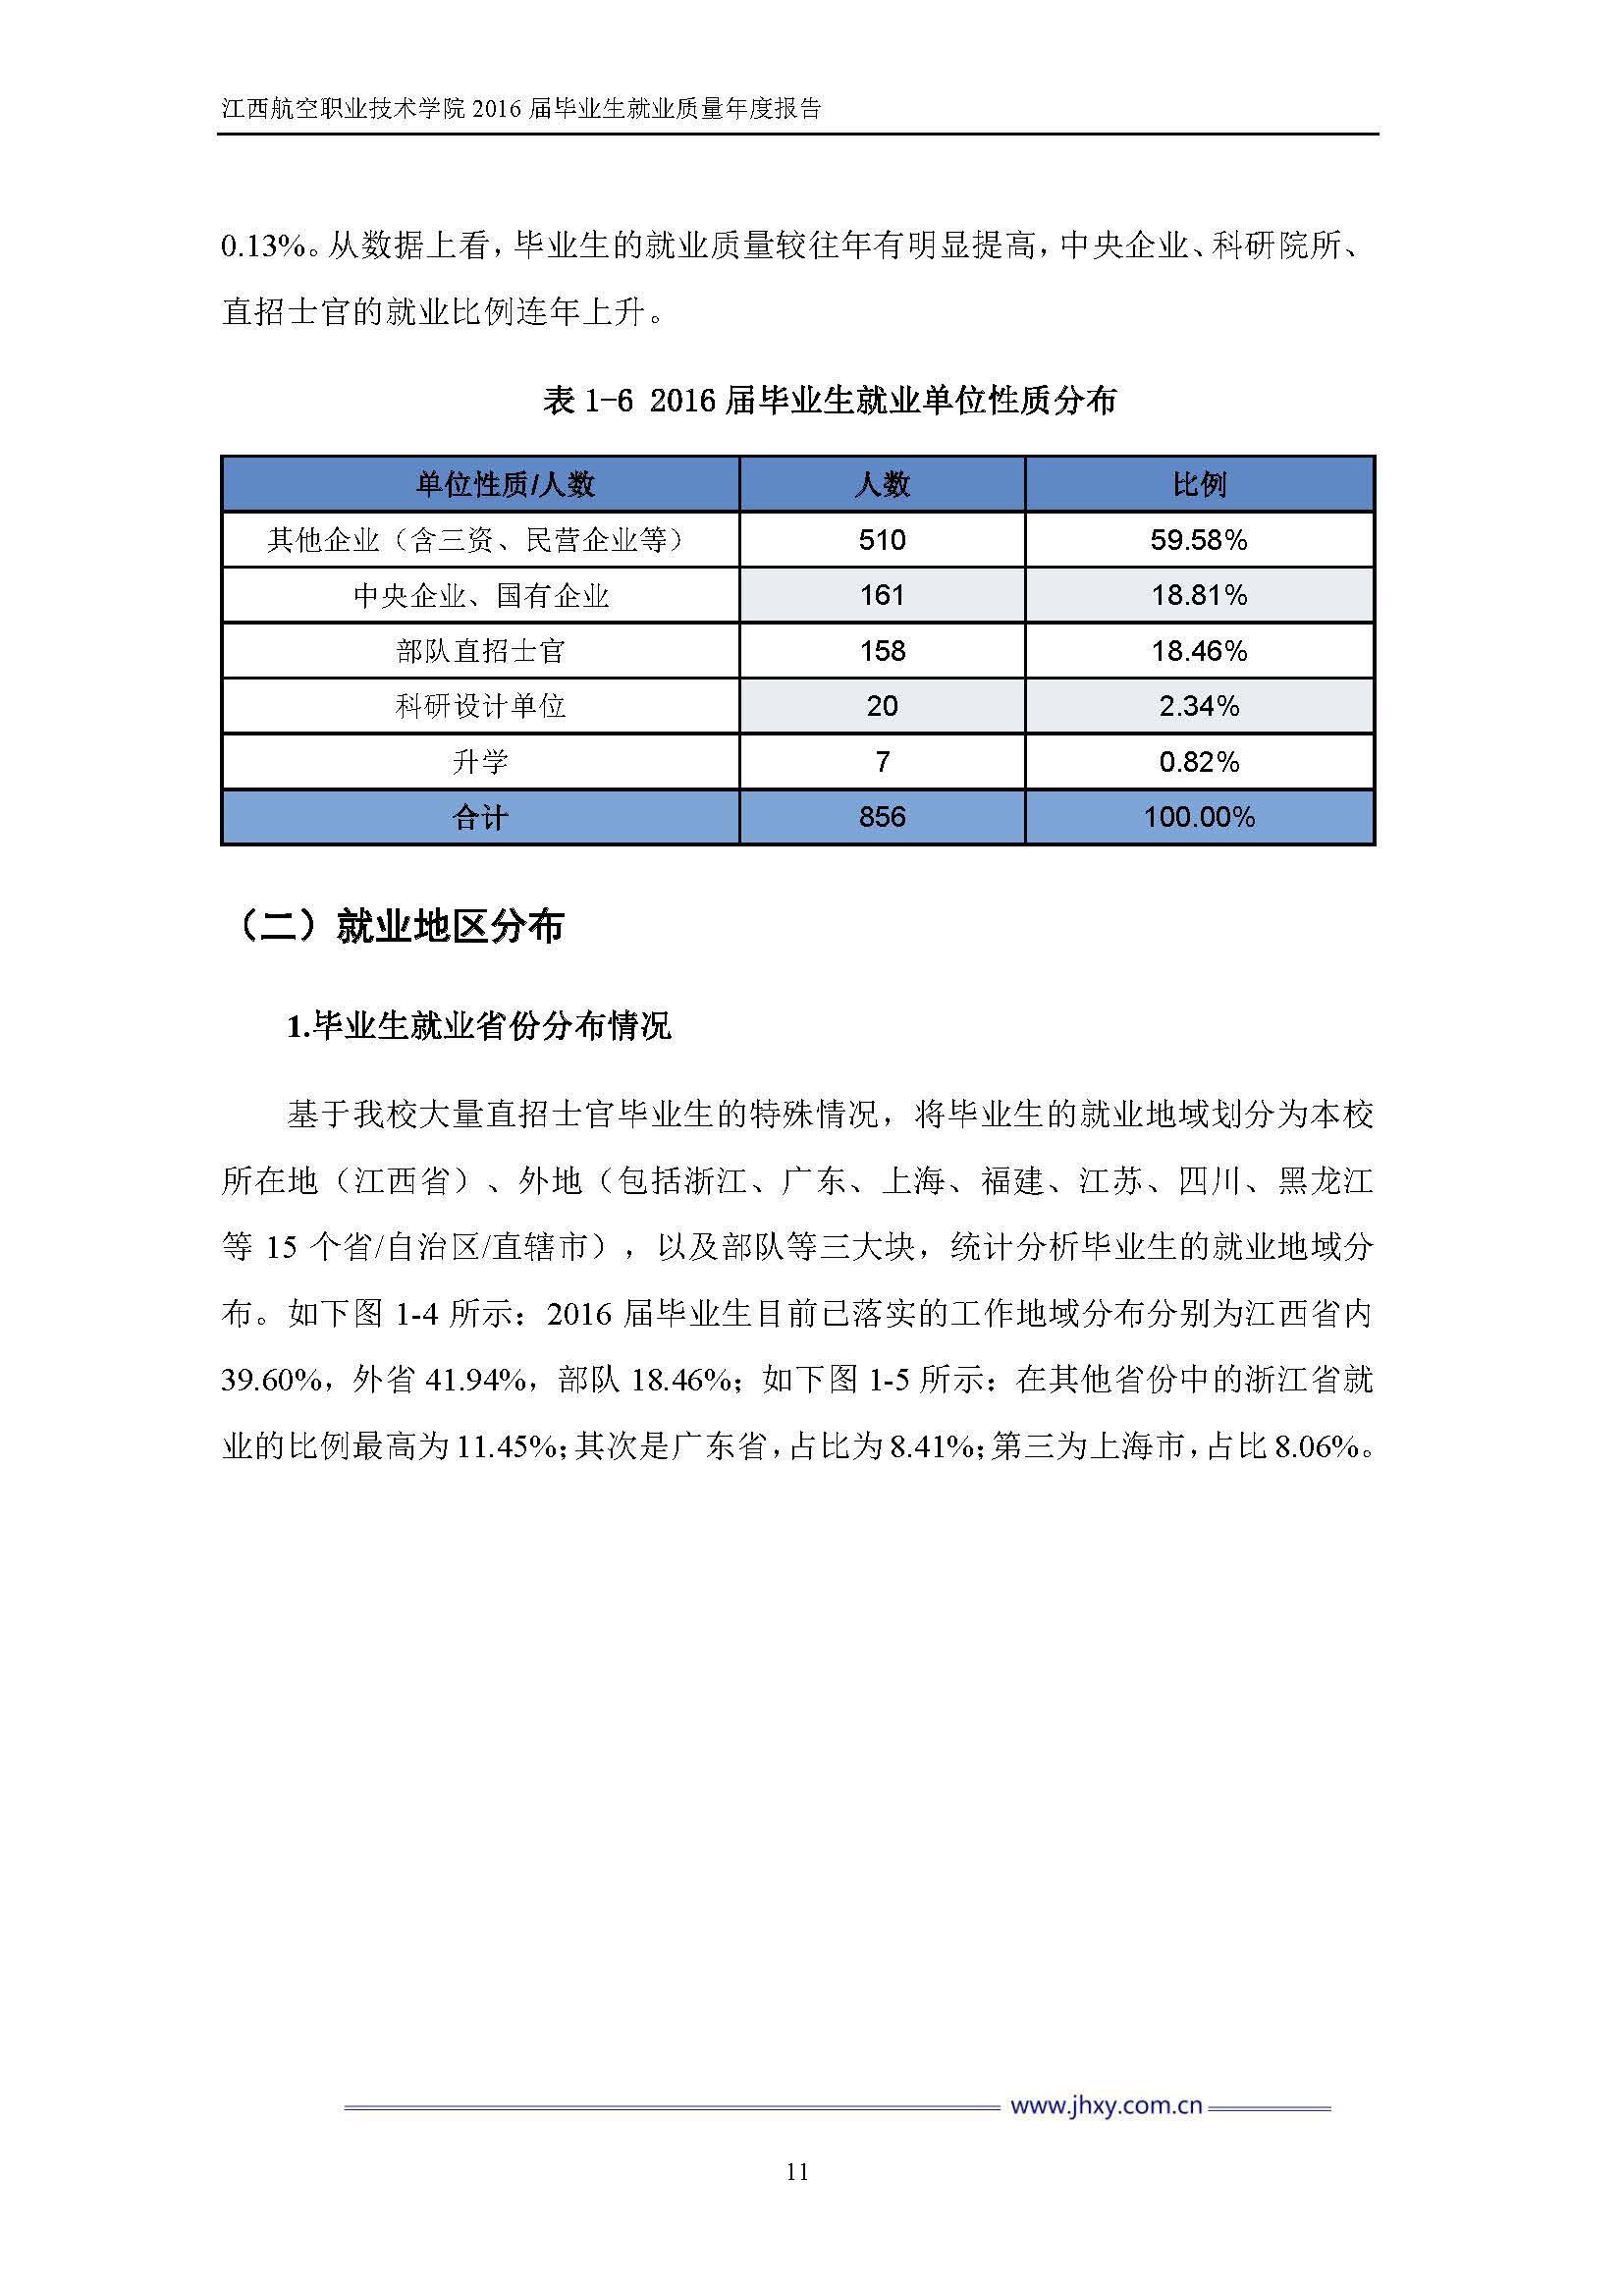 江西航空职业技术学院2016届毕业生就业质量年度报告_Page_18.jpg